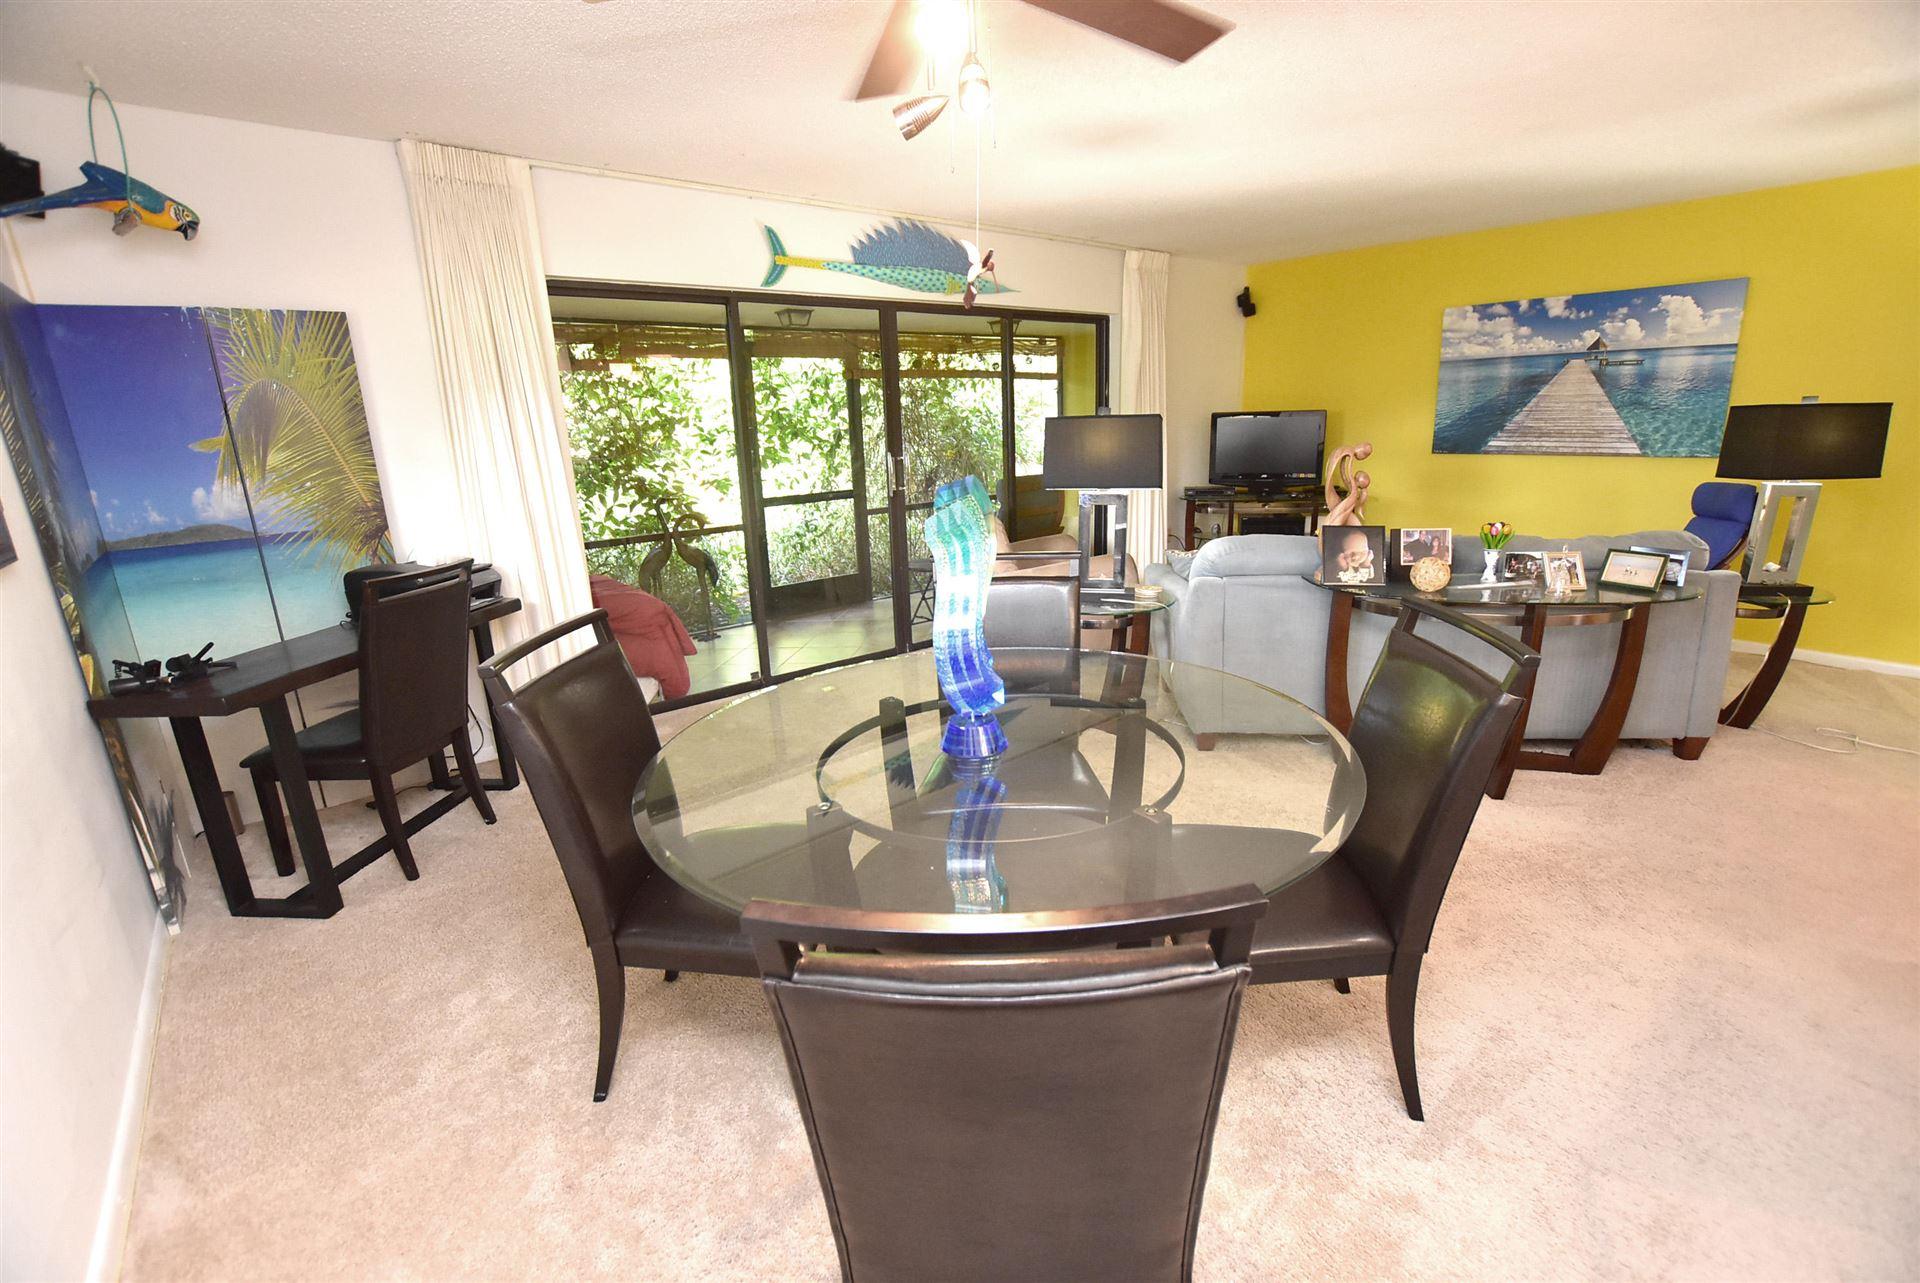 4155 Kittiwake Court #Kittiwake, Boynton Beach, FL 33436 - #: RX-10569842